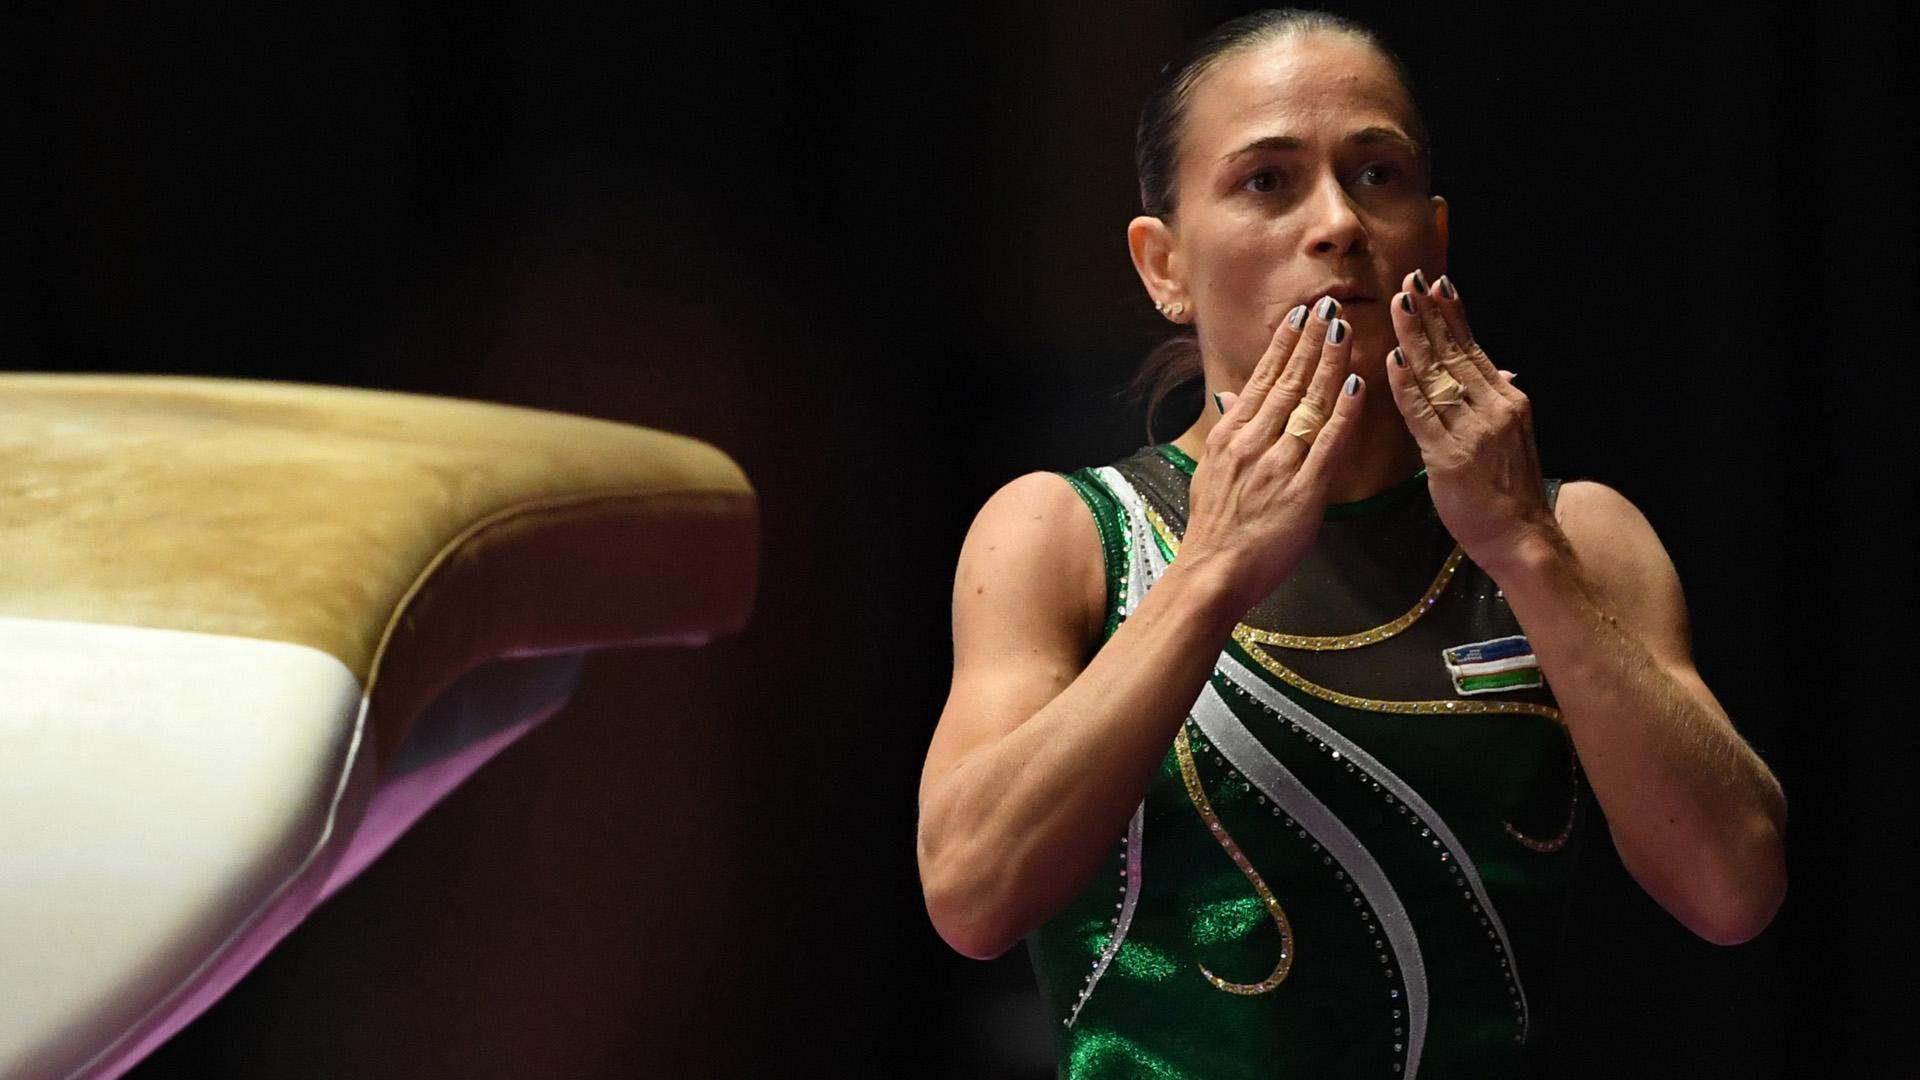 Turn-Oma schafft zum 8. Mal Olympia-Qualifikation